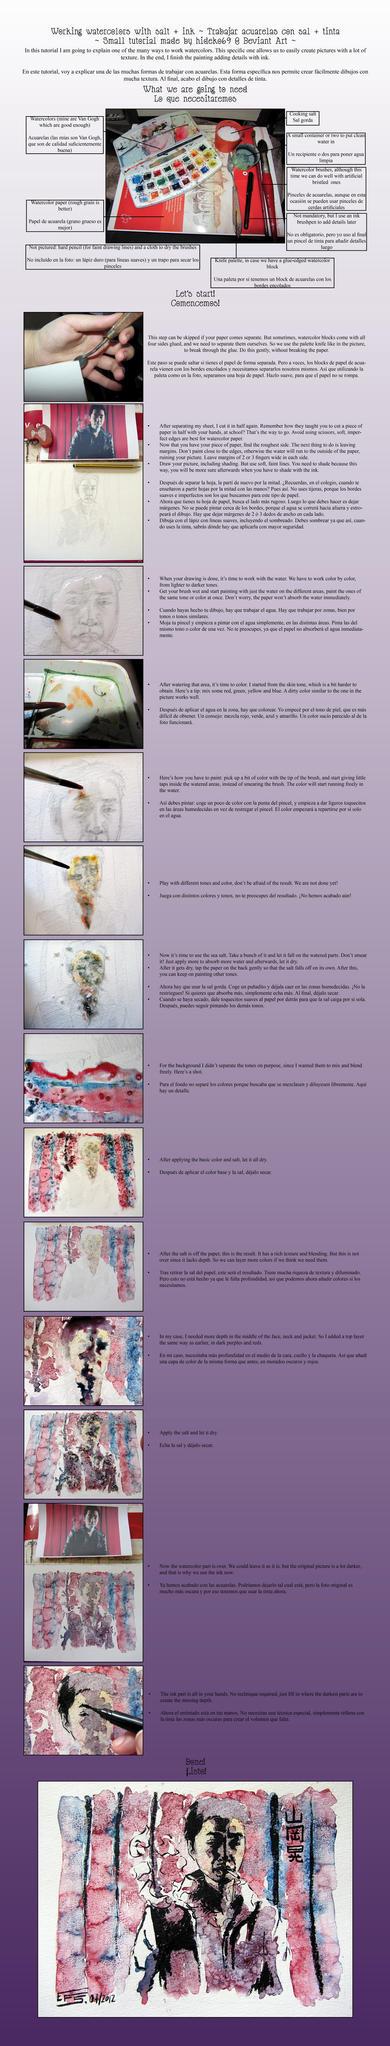 Tutorial: How to work watercolors with salt + ink by hideko69